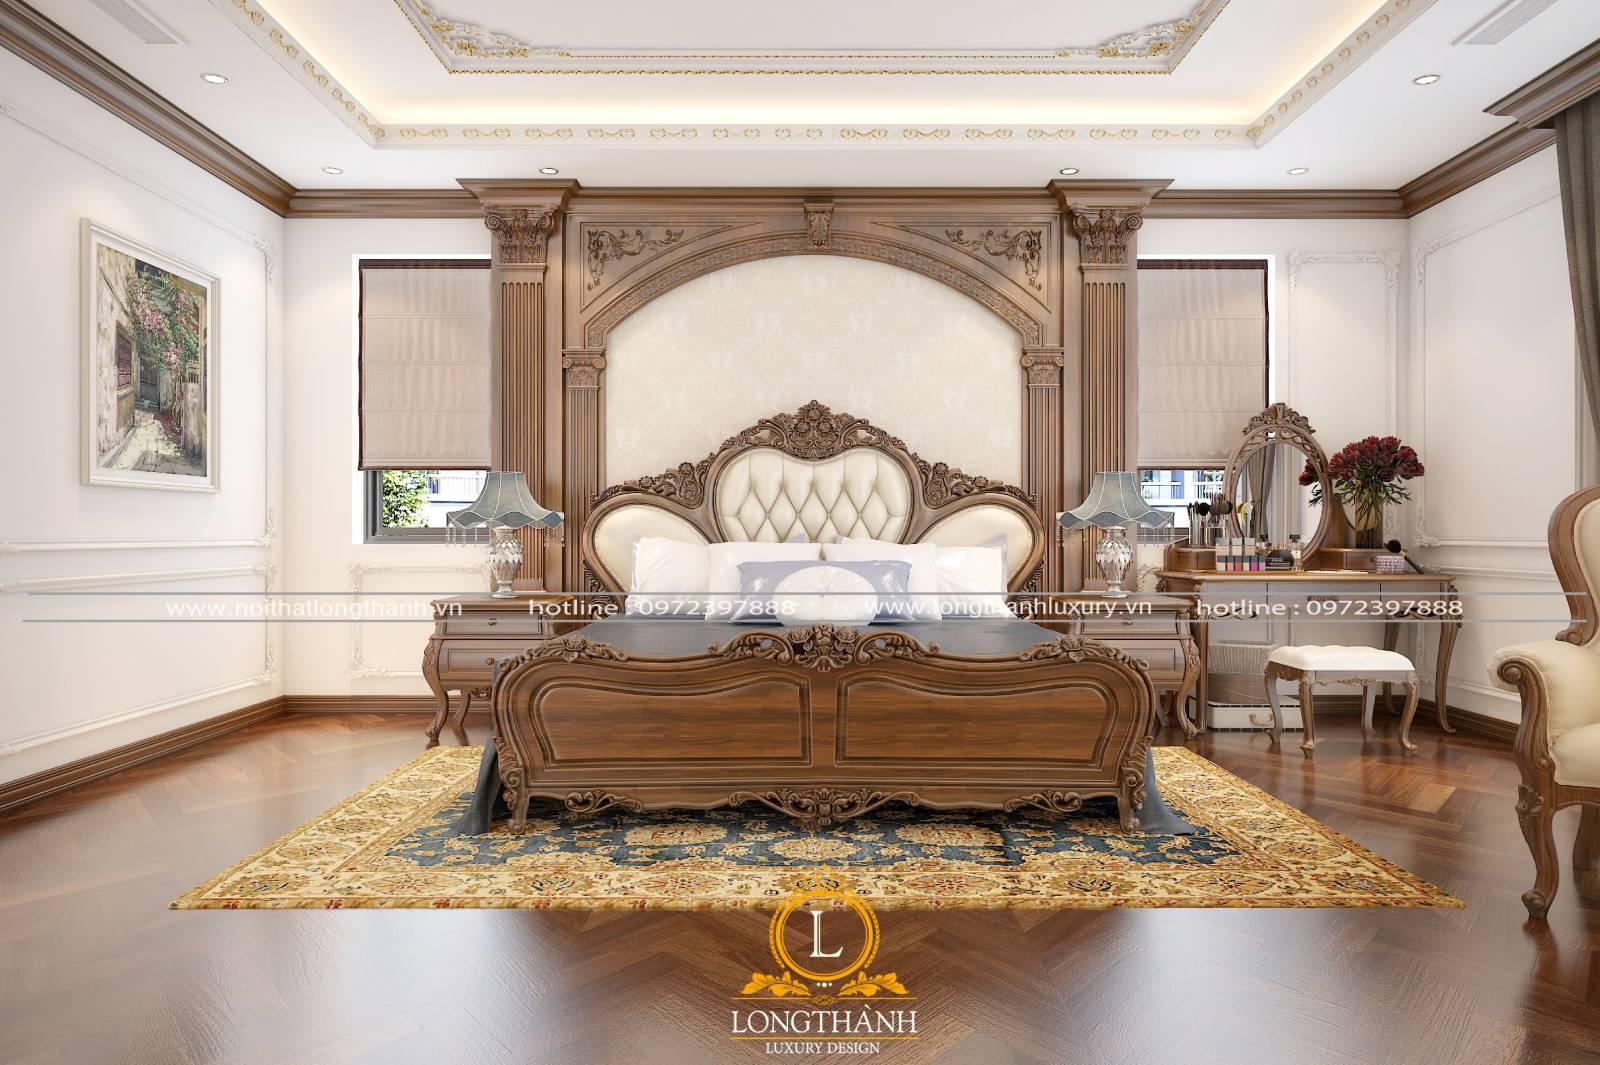 Hoa văn trên giường ngủ master tân cổ điển có vẻ đẹp thẩm mỹ cao